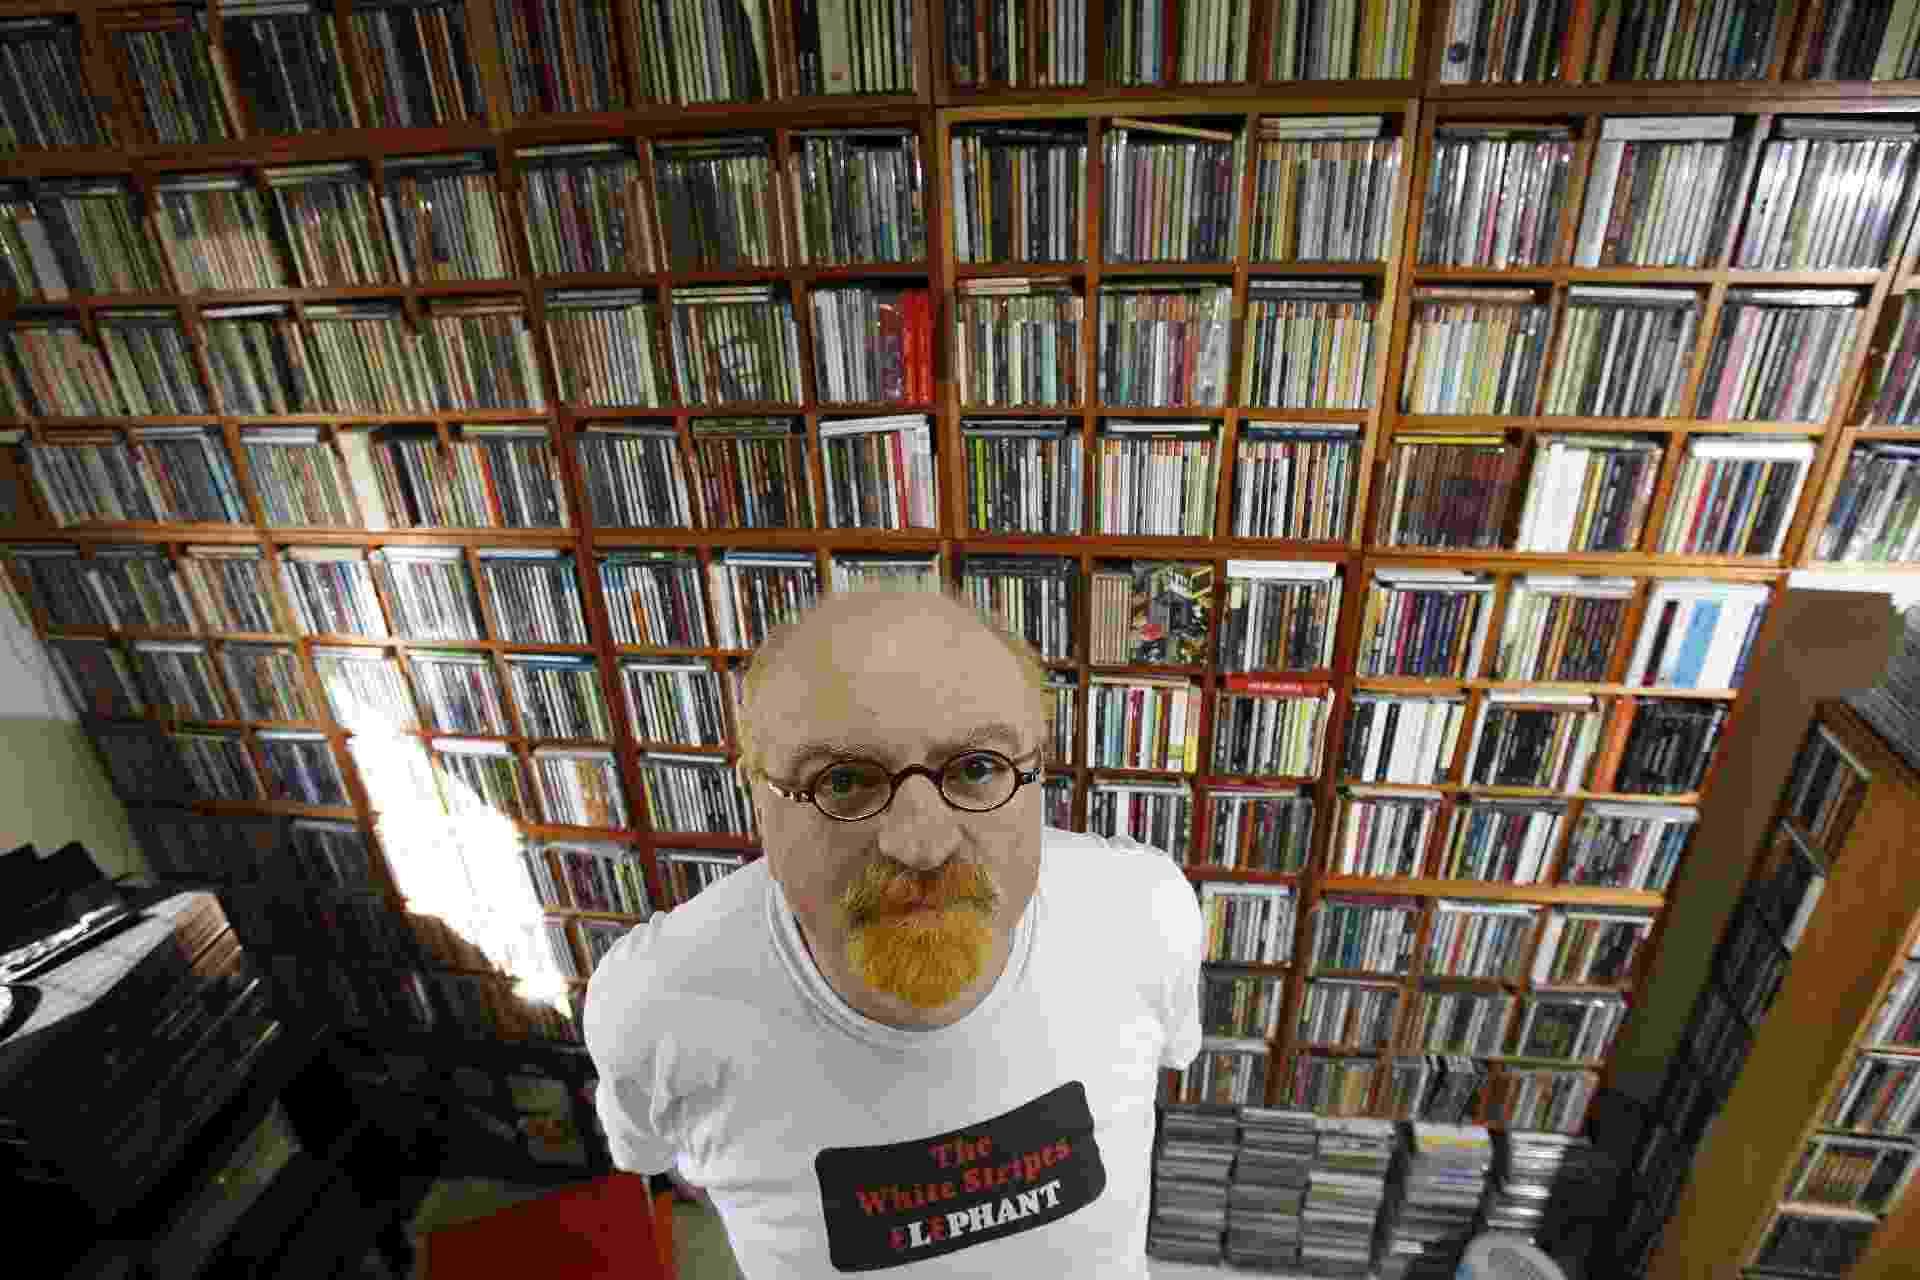 Kid Vinil mostra sua casa com as estantes que abrigam suas coleções de CDs e LPs - Bruno Miranda/Folha Imagem